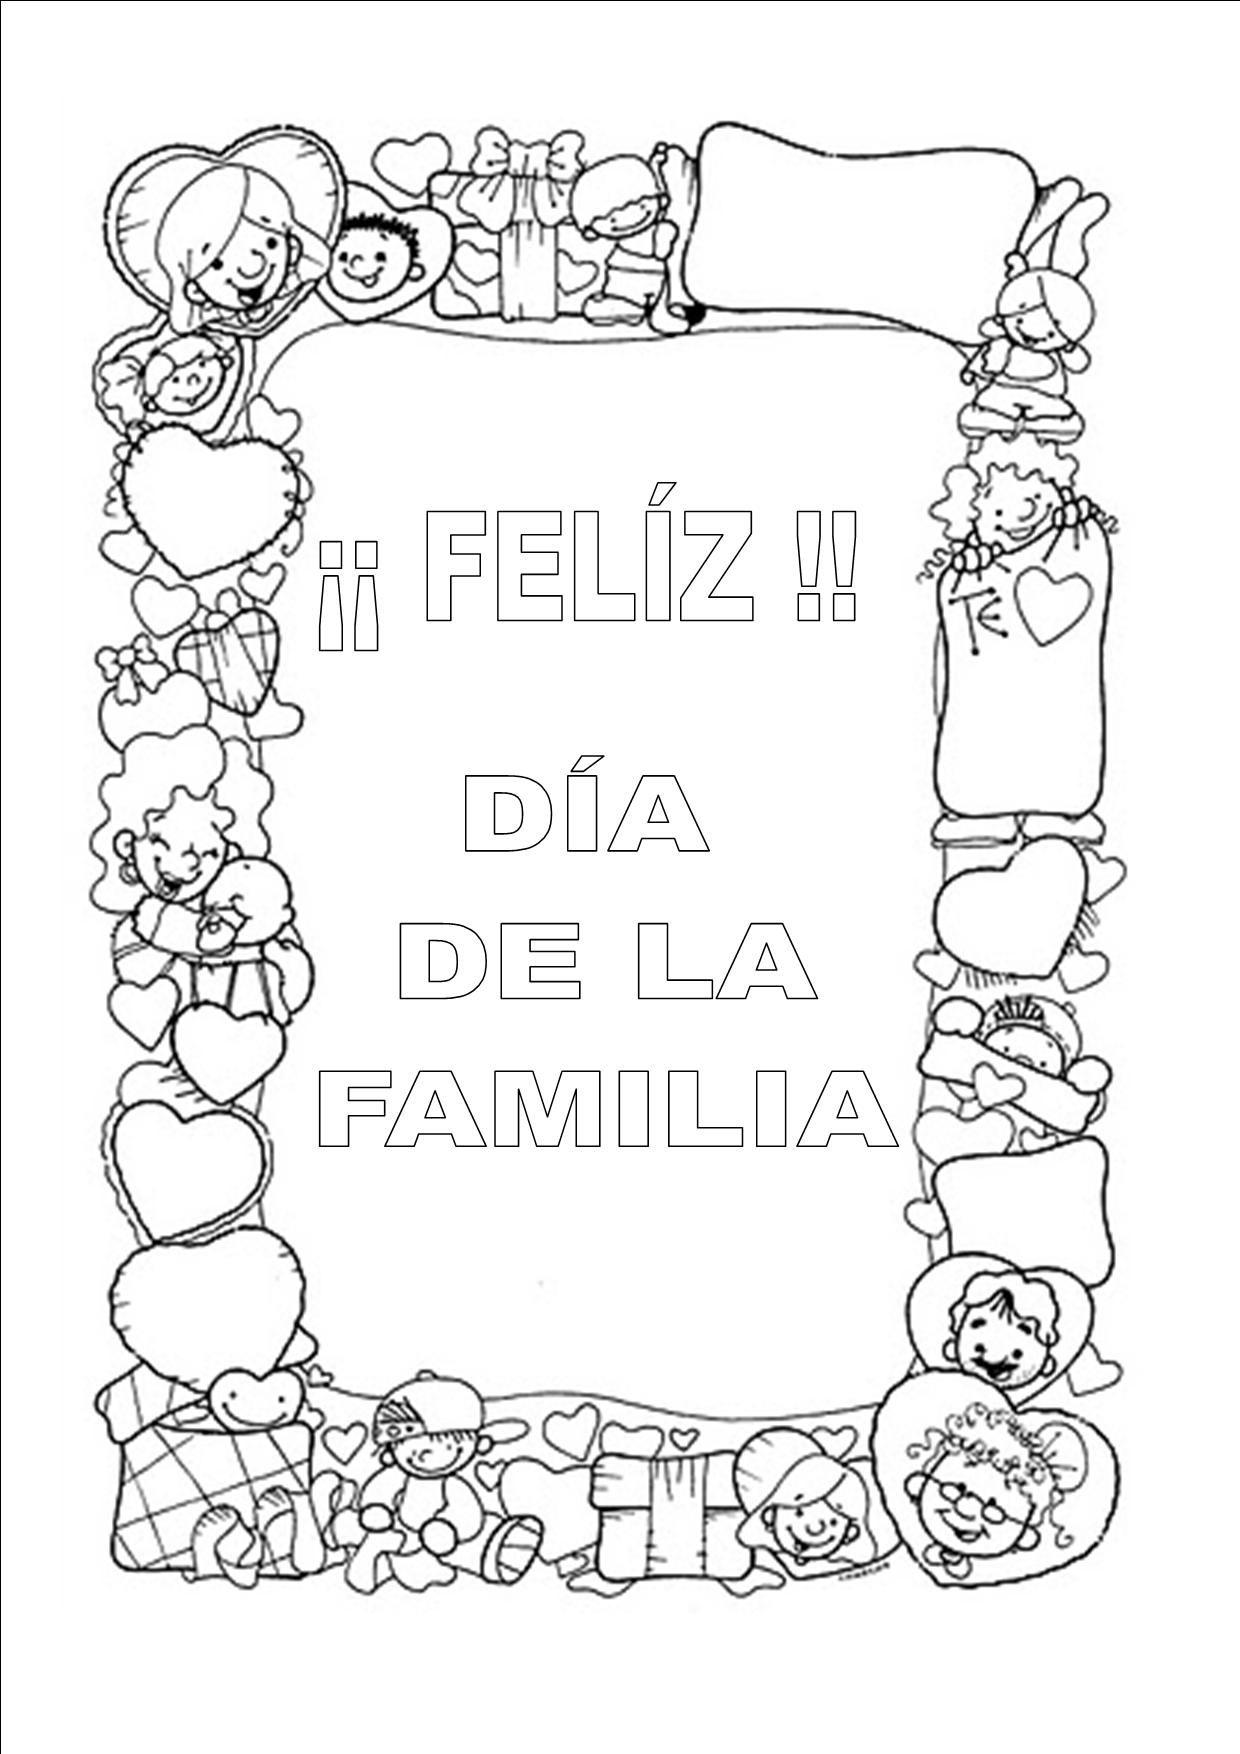 El próximo día 15 celebramos en las clases el día de la familia ...